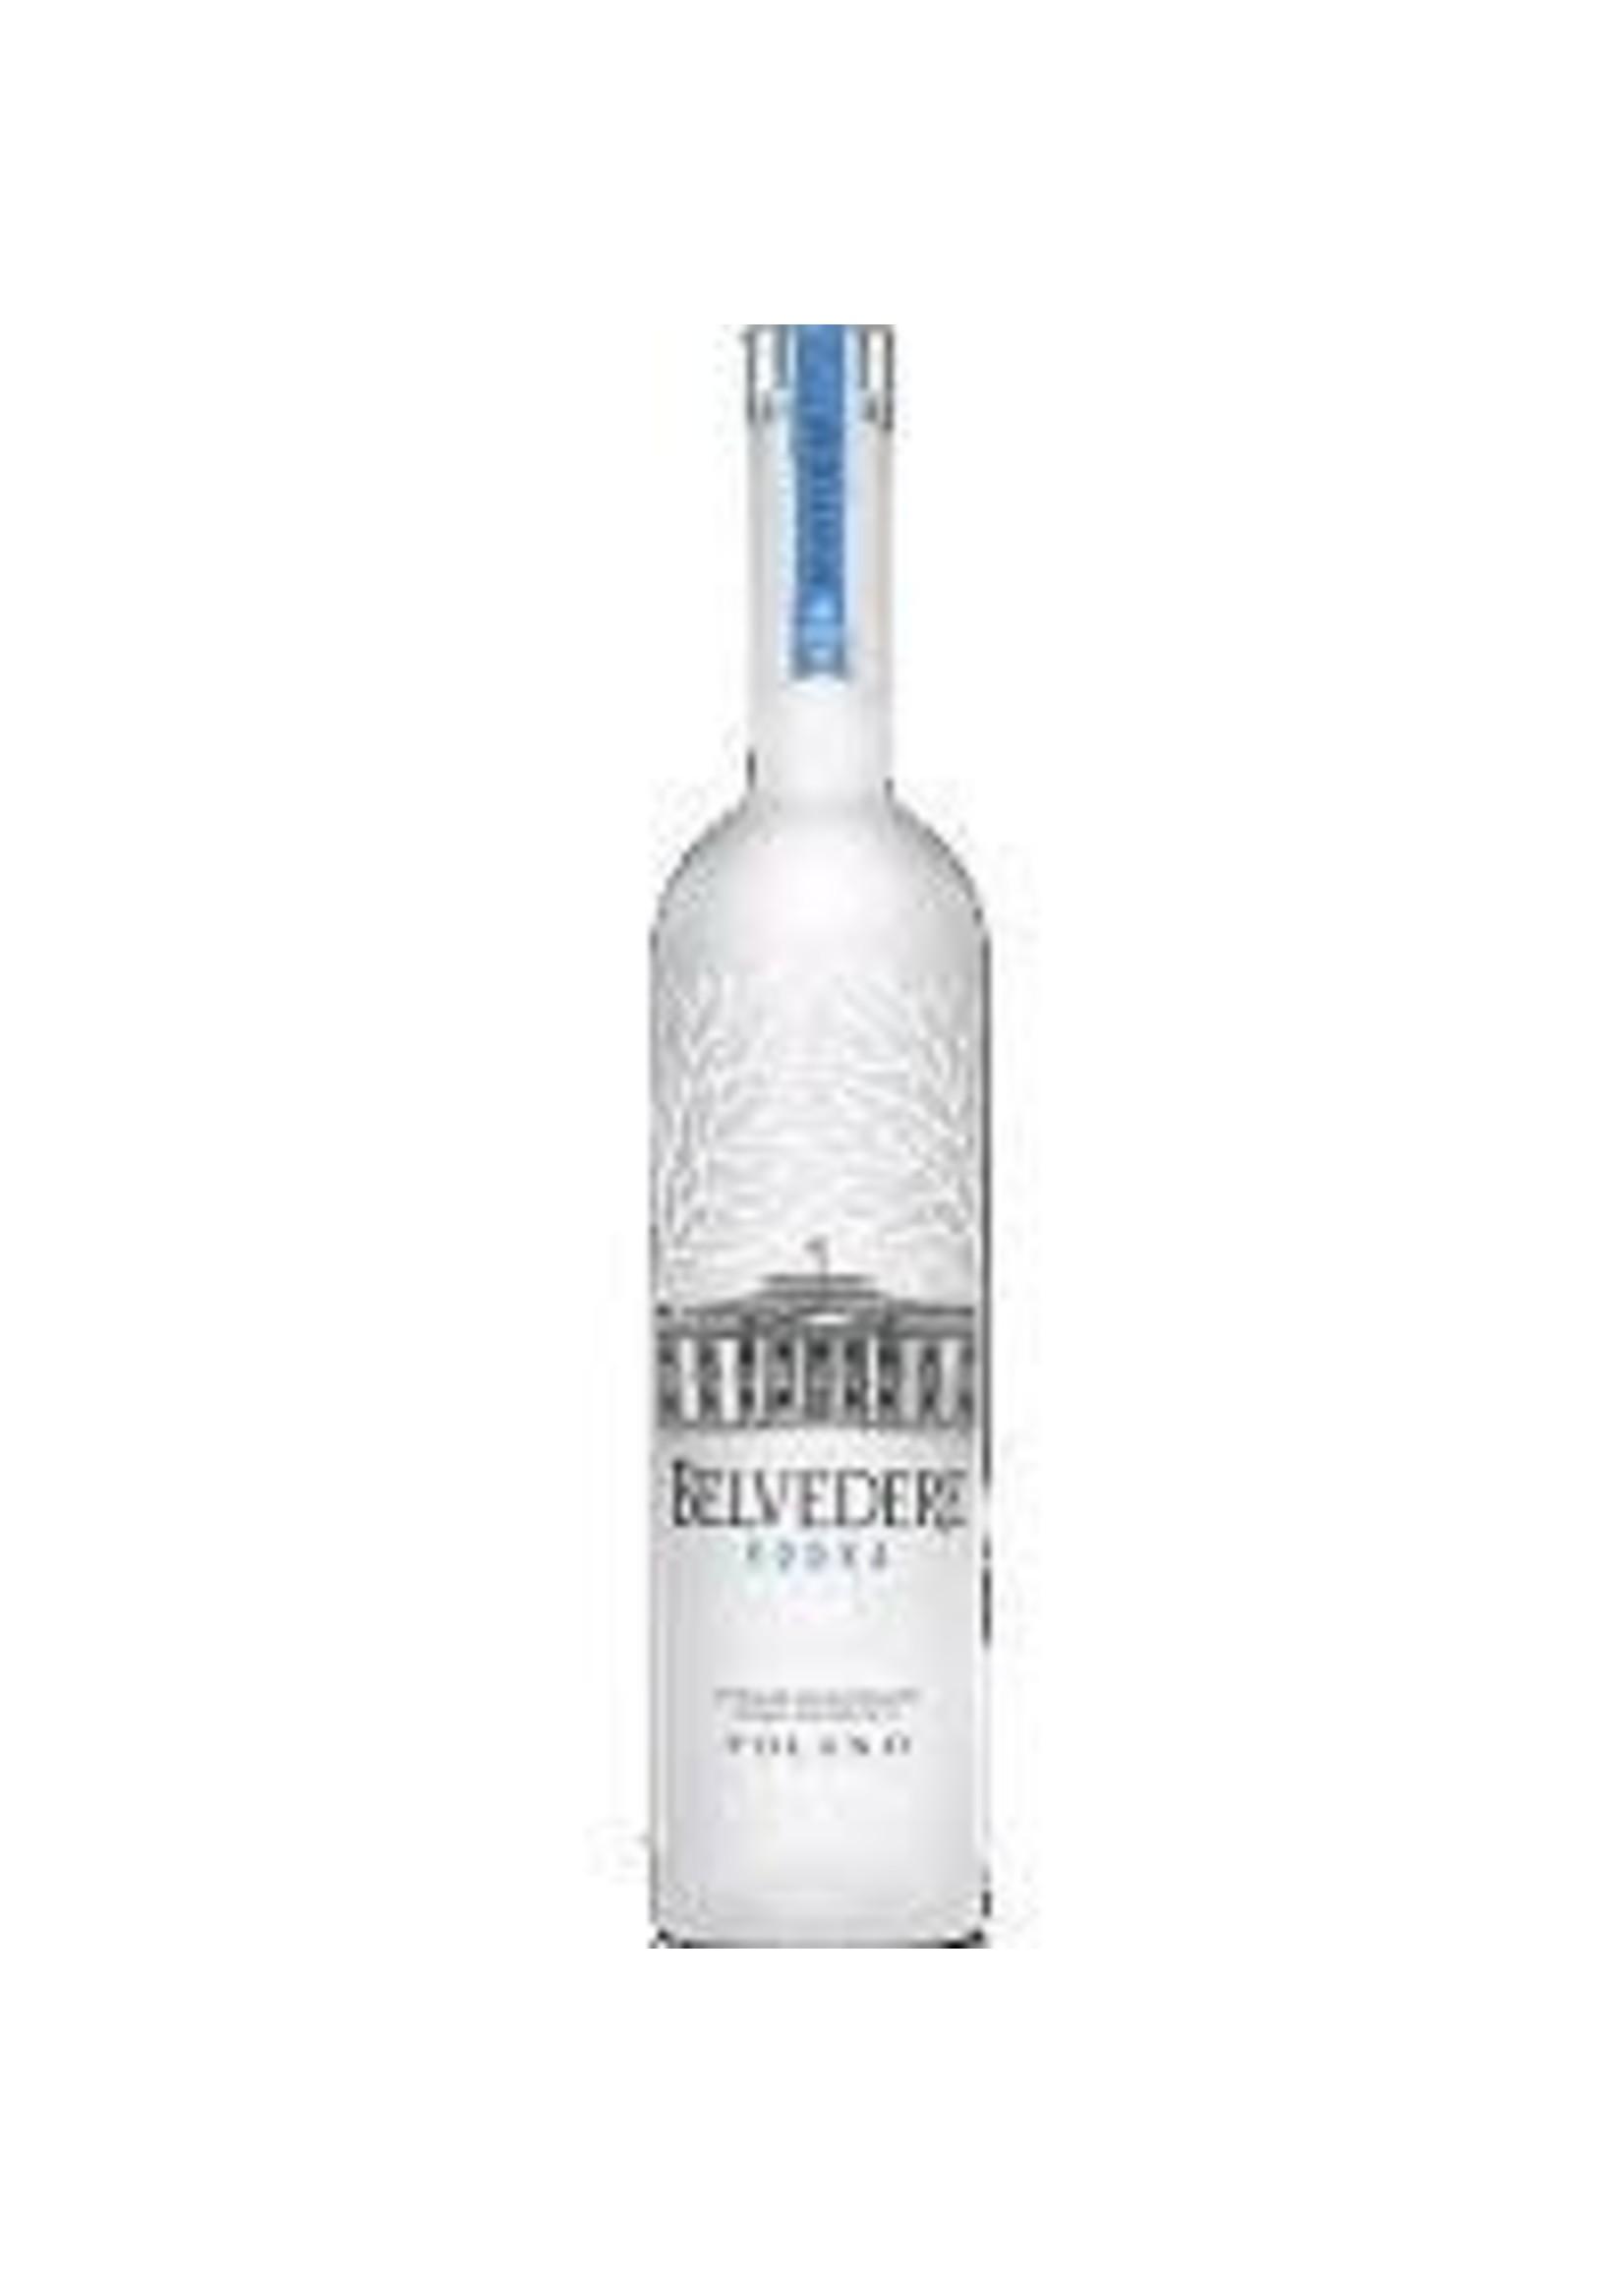 Belvedere Belvedere / Vodka